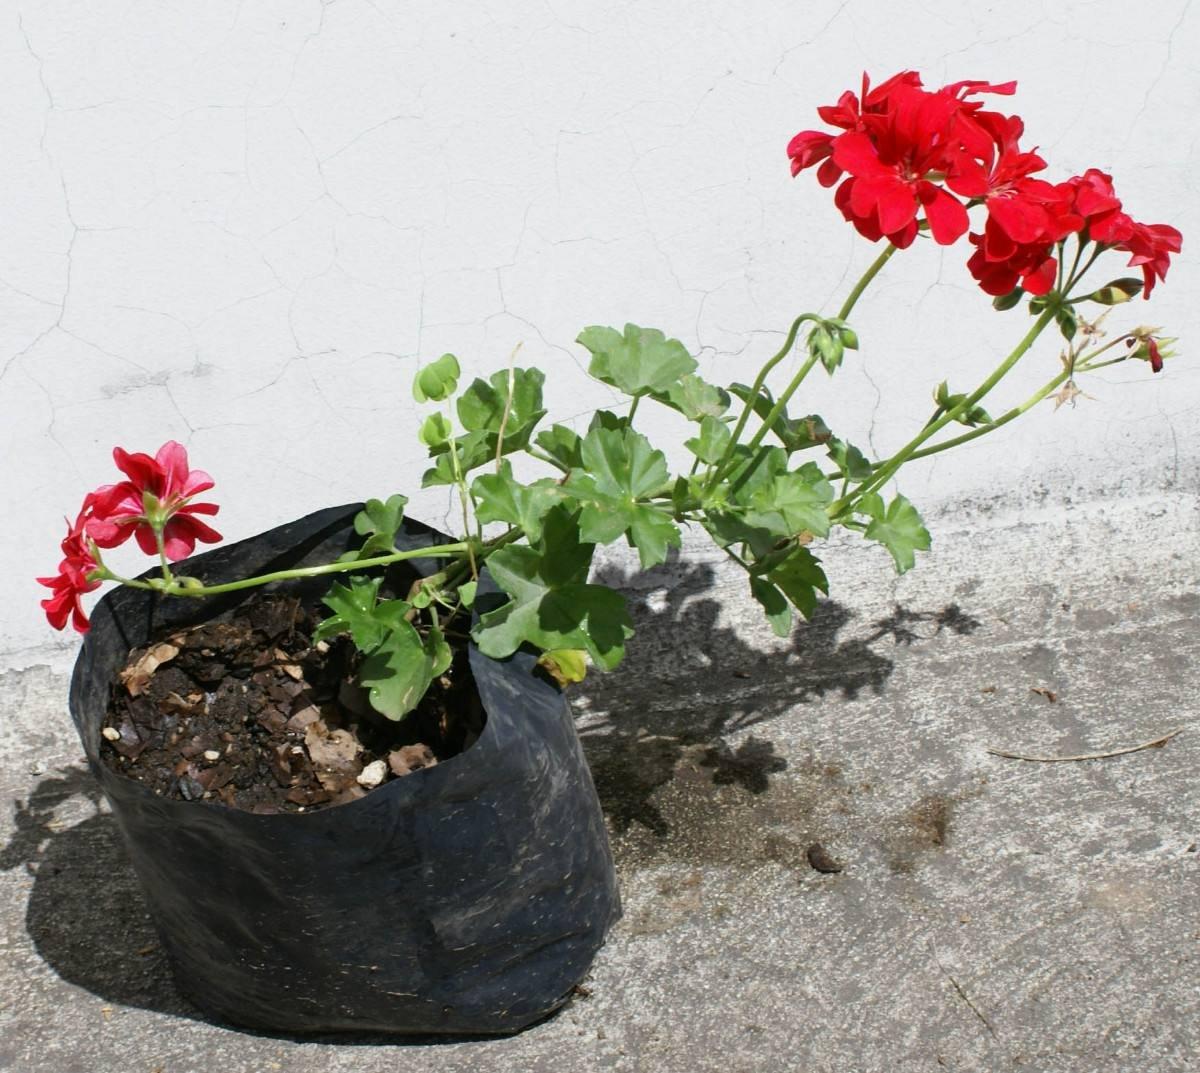 Lote 4 plantas geranio jardin de plantas ornamentales for Plantas ornamentales